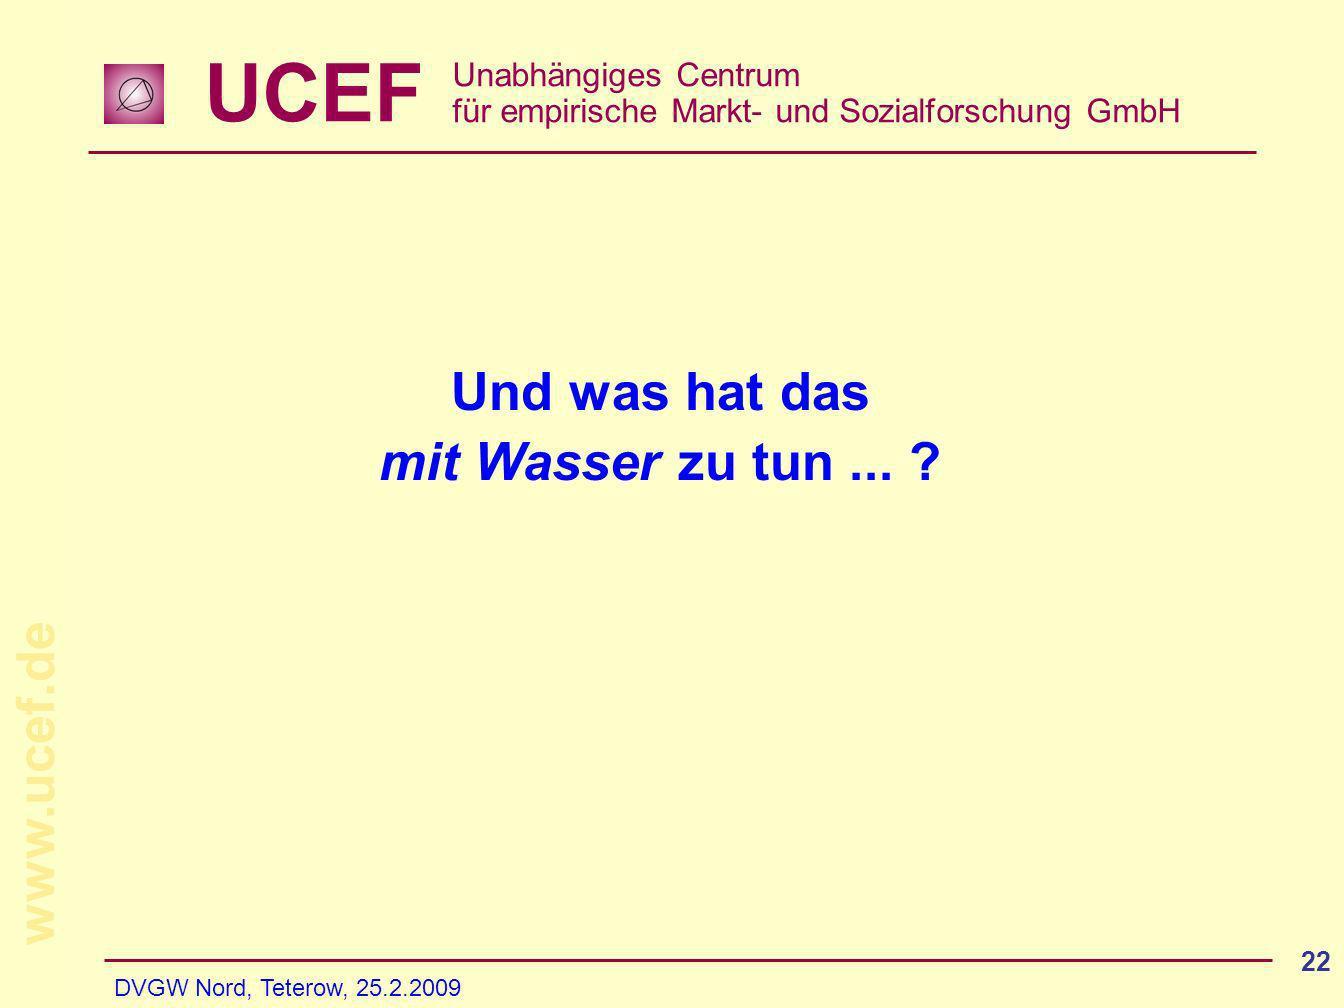 UCEF Unabhängiges Centrum für empirische Markt- und Sozialforschung GmbH www.ucef.de DVGW Nord, Teterow, 25.2.2009 22 Und was hat das mit Wasser zu tun...